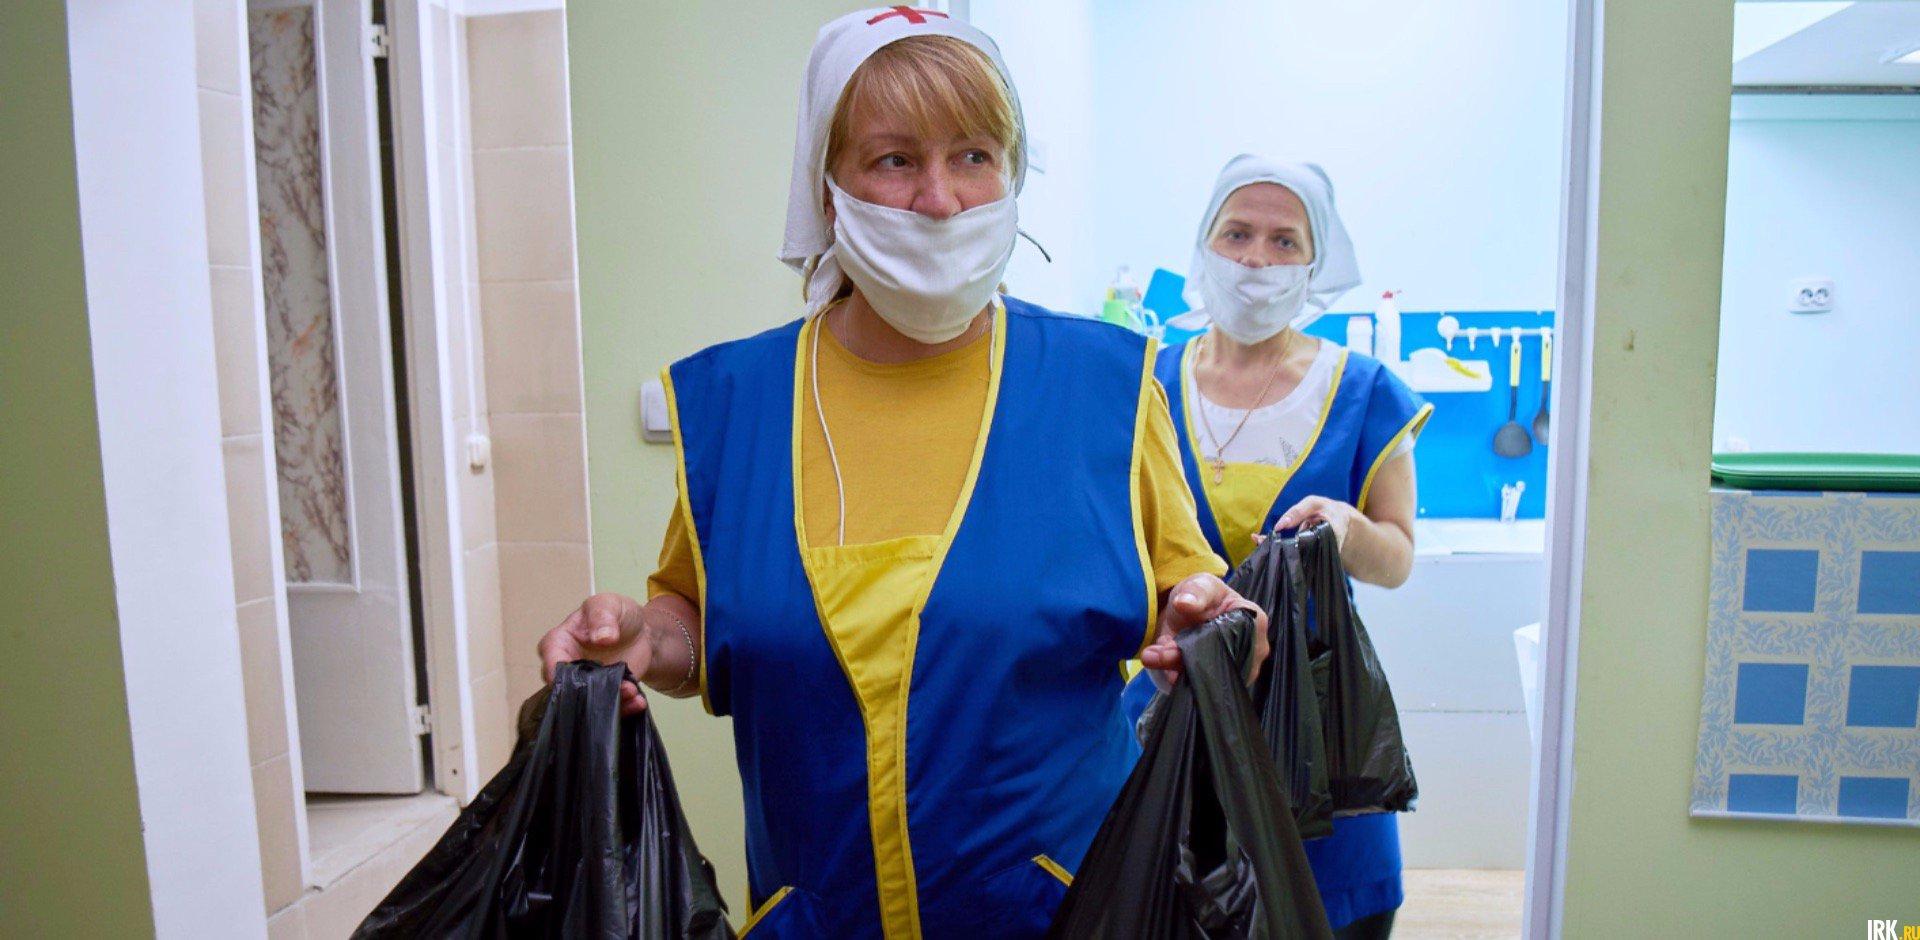 В 13:00 Елена и Светлана выносят еду в пакетах